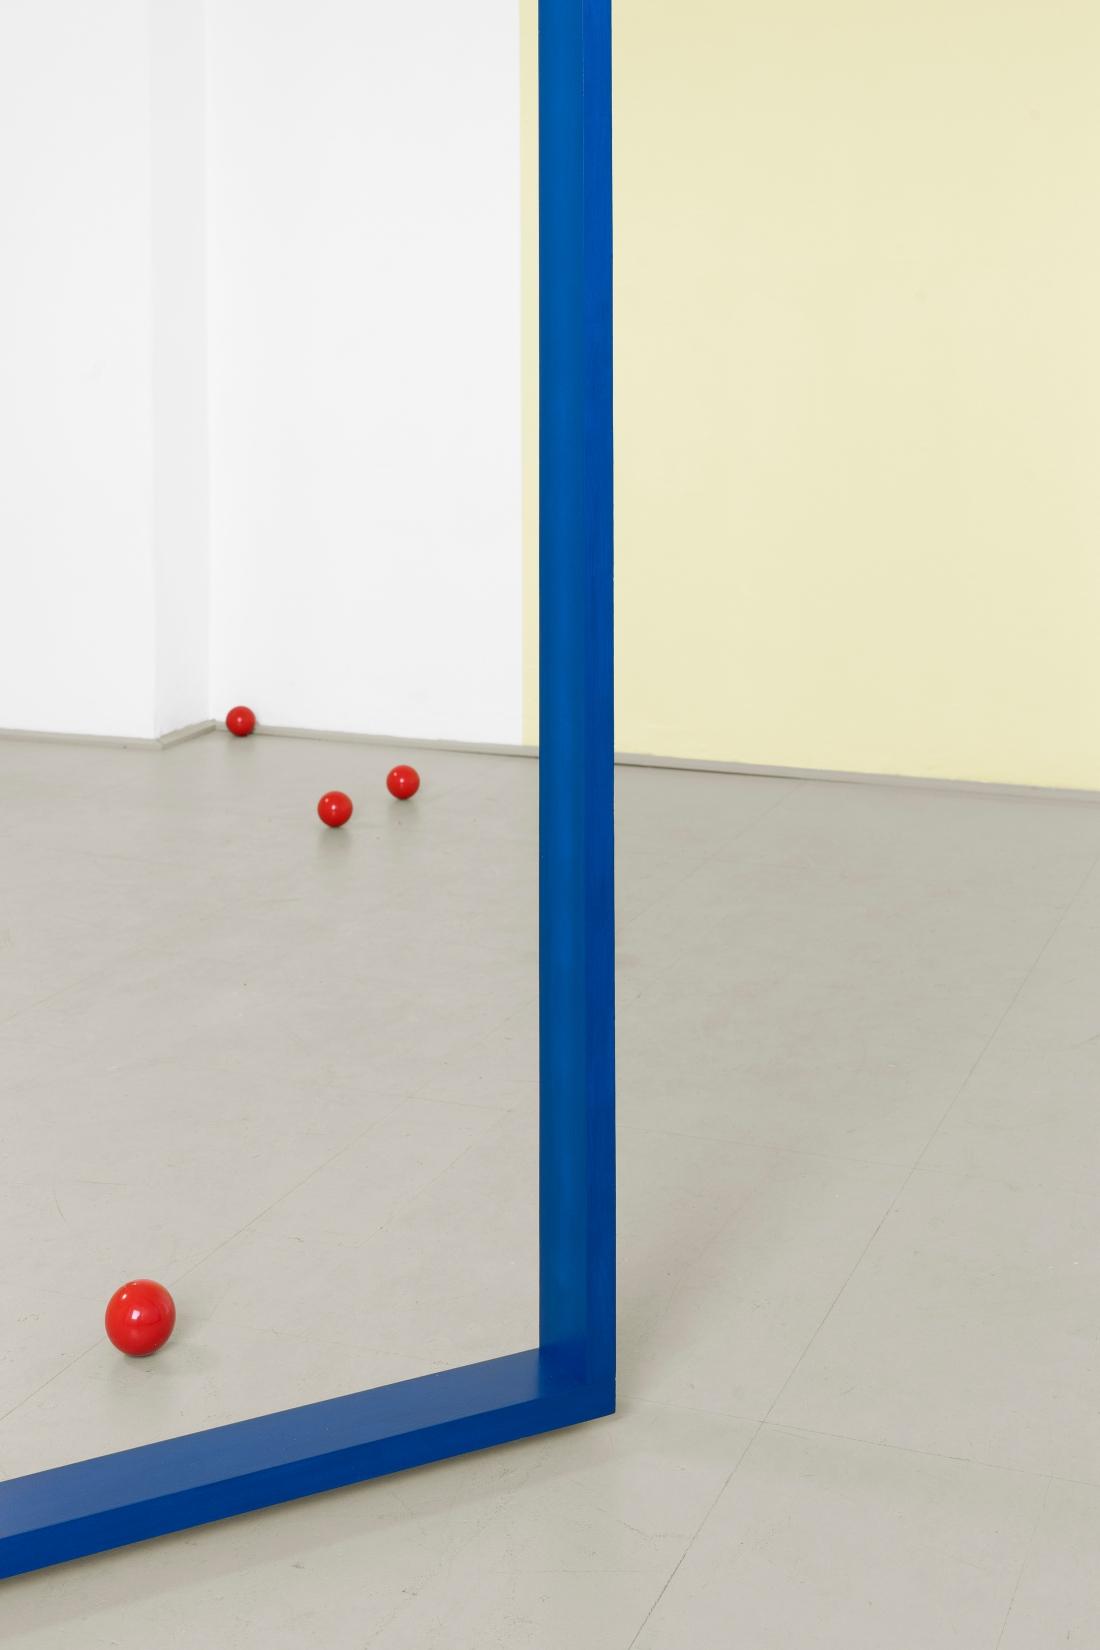 Galerie-Herold_Ingunn_Foto-Franziska-von-den-Driesch_127